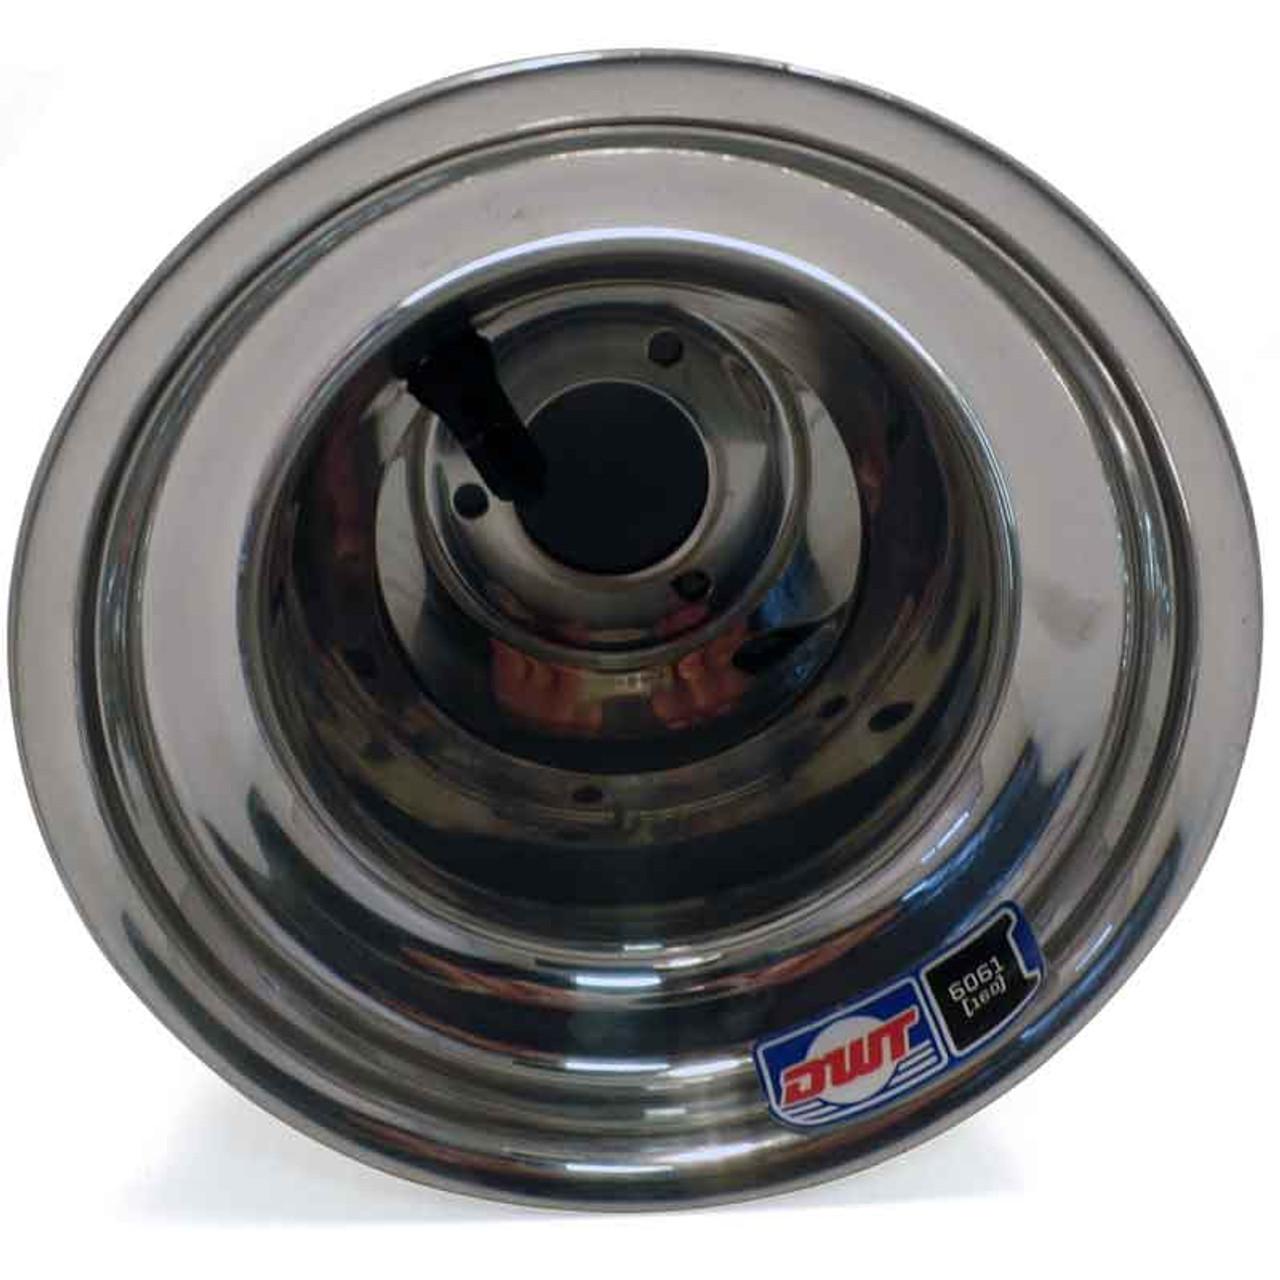 DWT 6'' AlumiLite Kart Wheels - US Pattern - 7.75''W